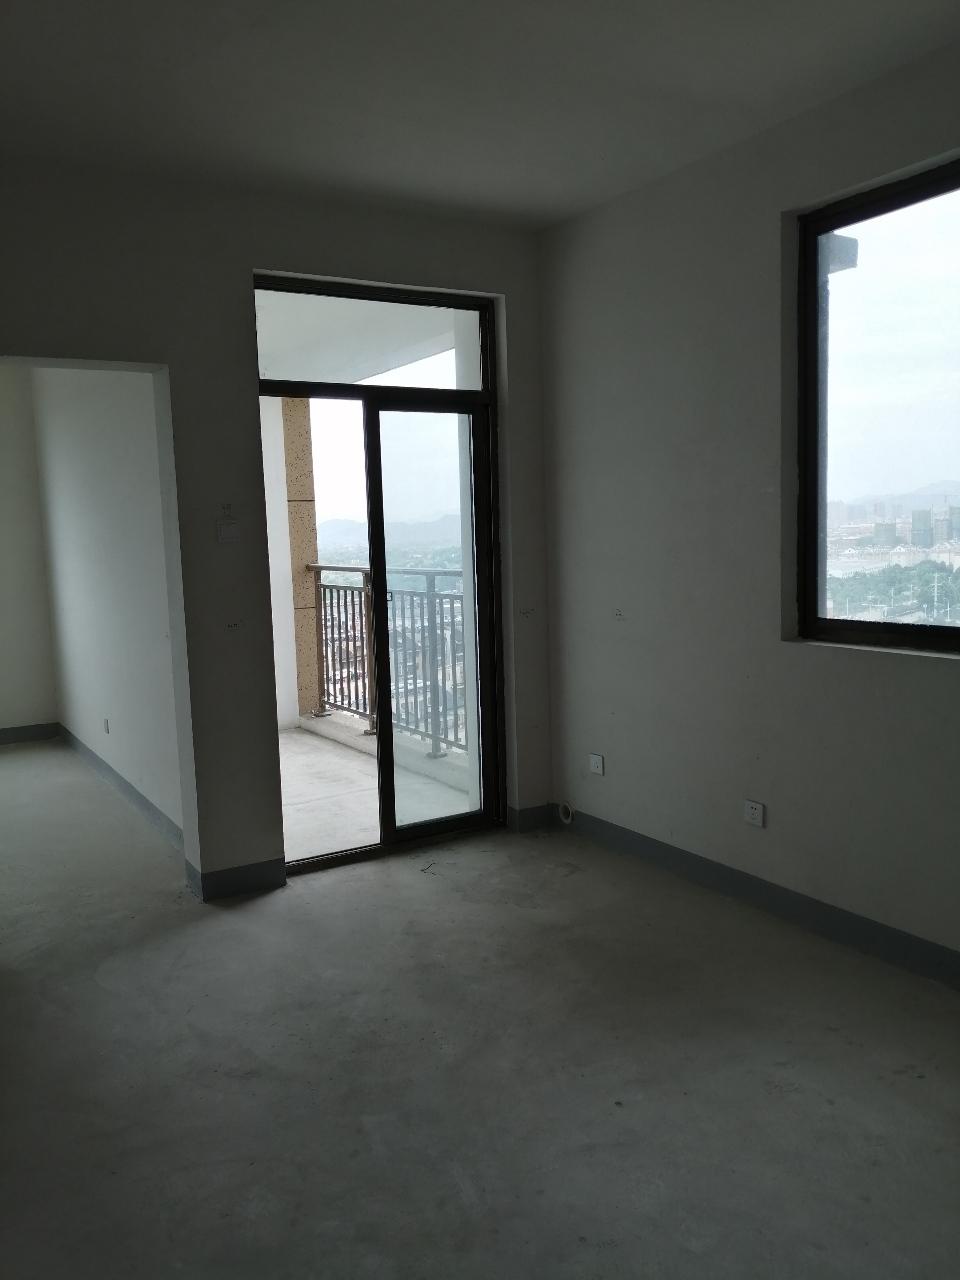 宁阳新苑3室 2厅 1卫68.8万元